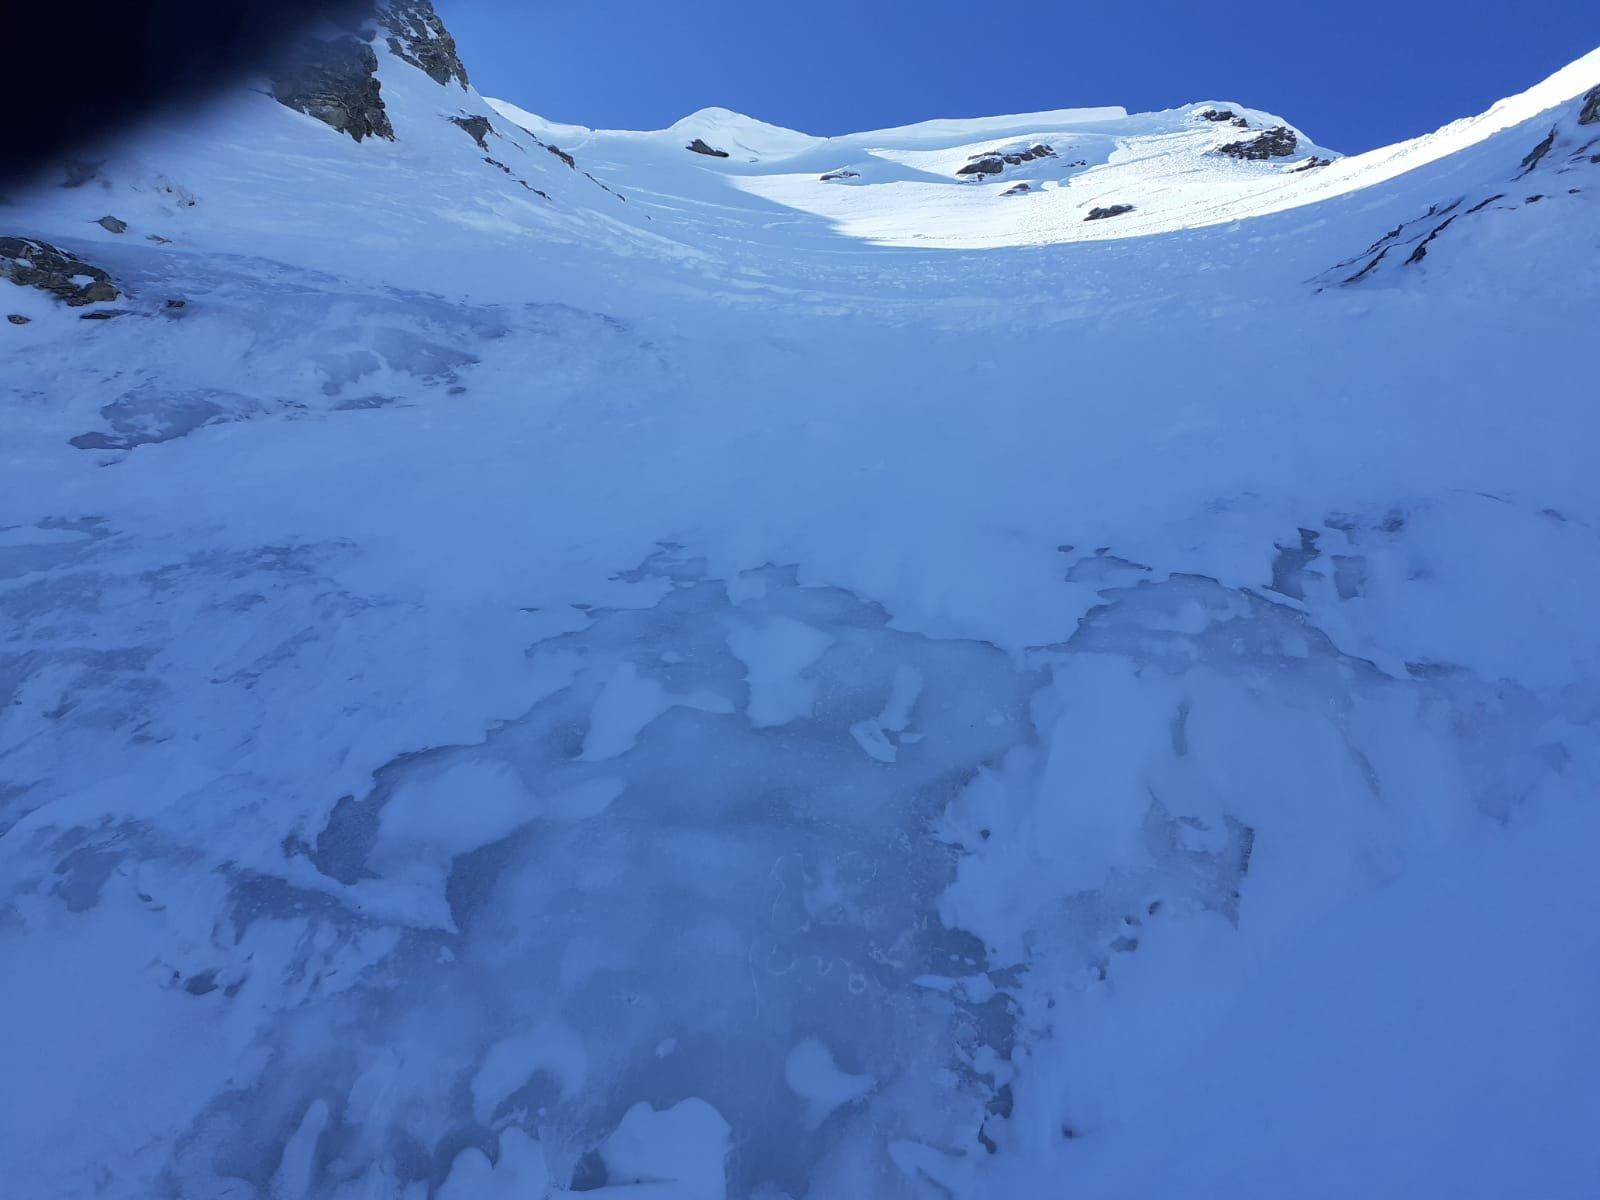 ghiaccio visibile e facilmente aggirabile